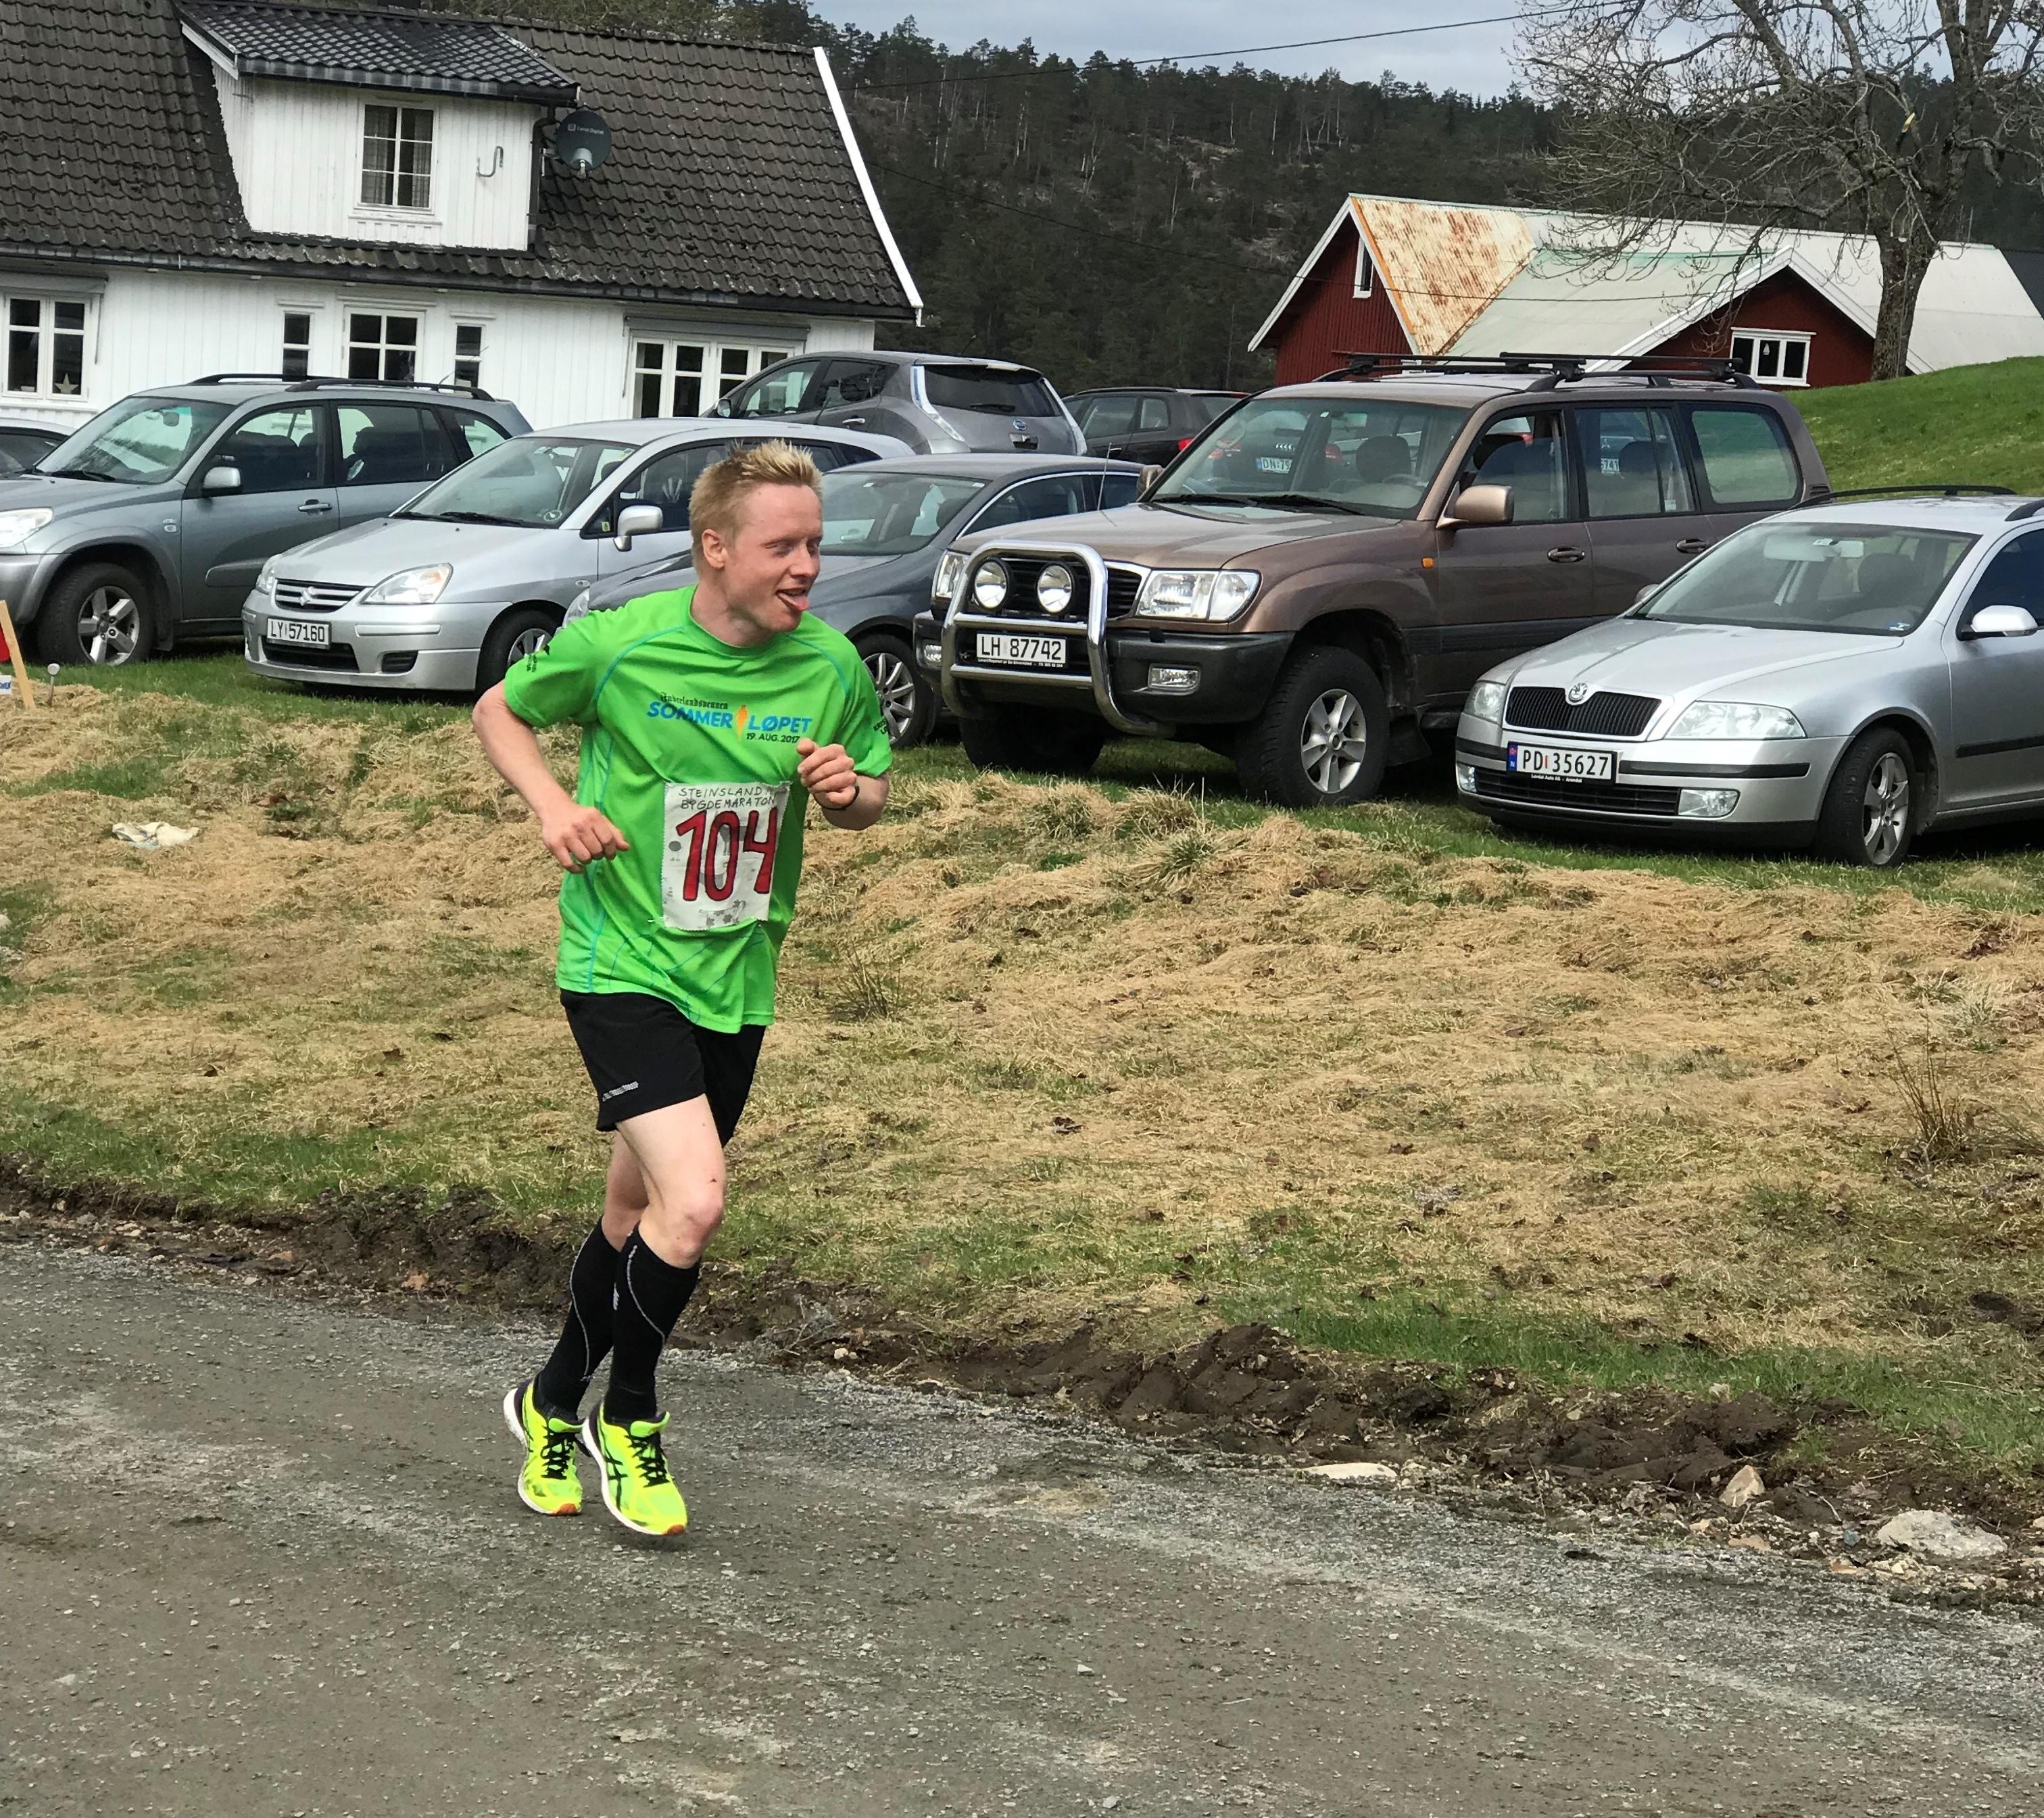 Maratonvinner_Kim_H_Bertheussen.jpg